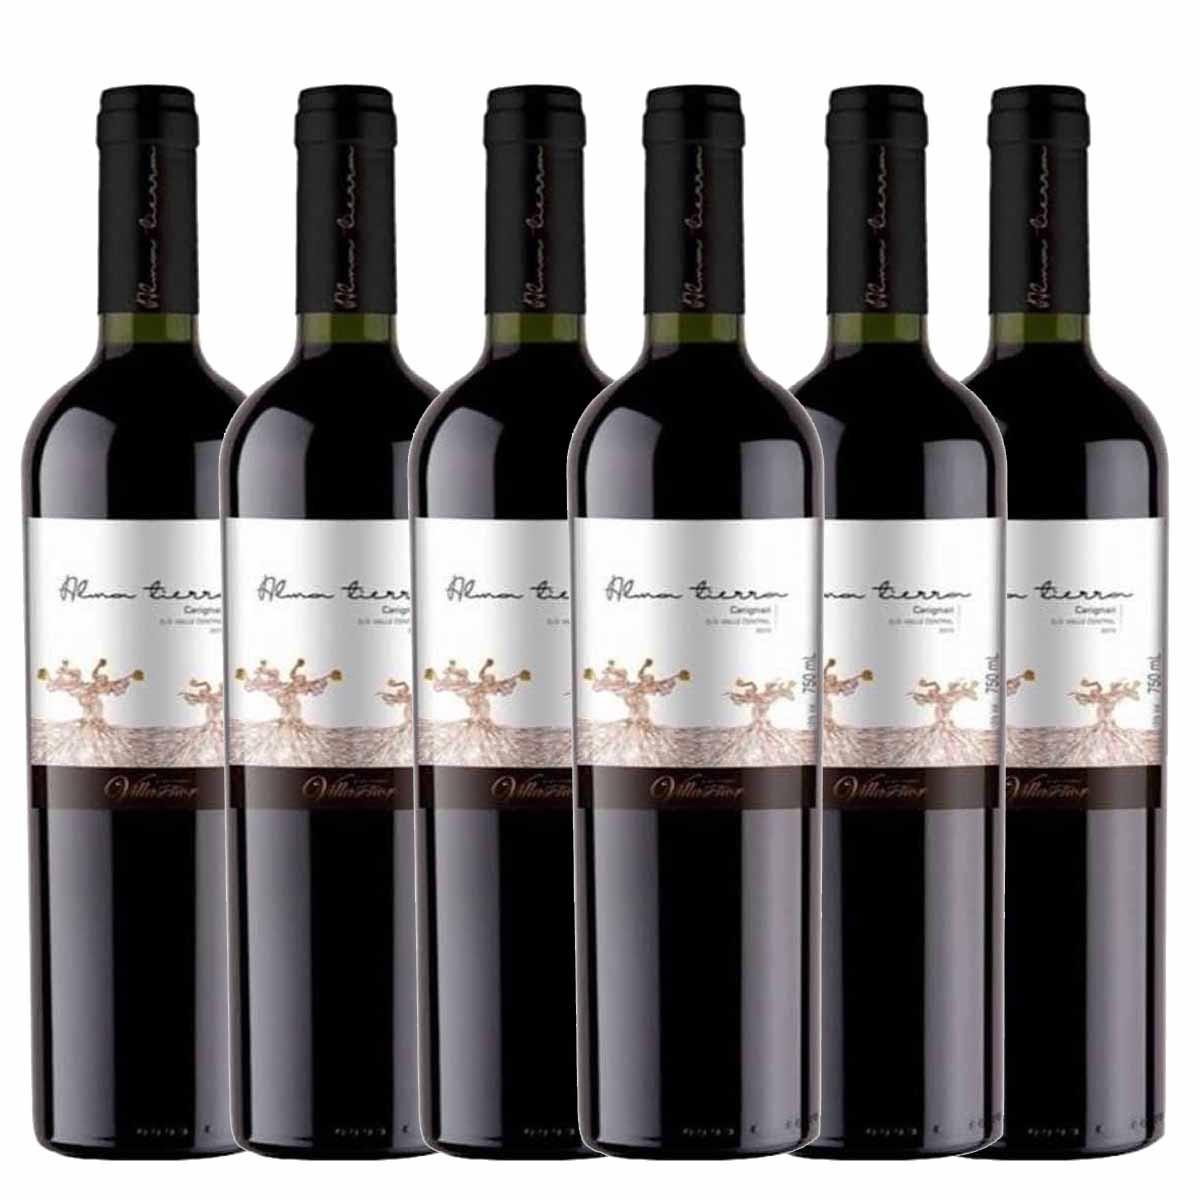 Kit 6x Vinho Tinto Chileno Alma Tierra Carignan 2018